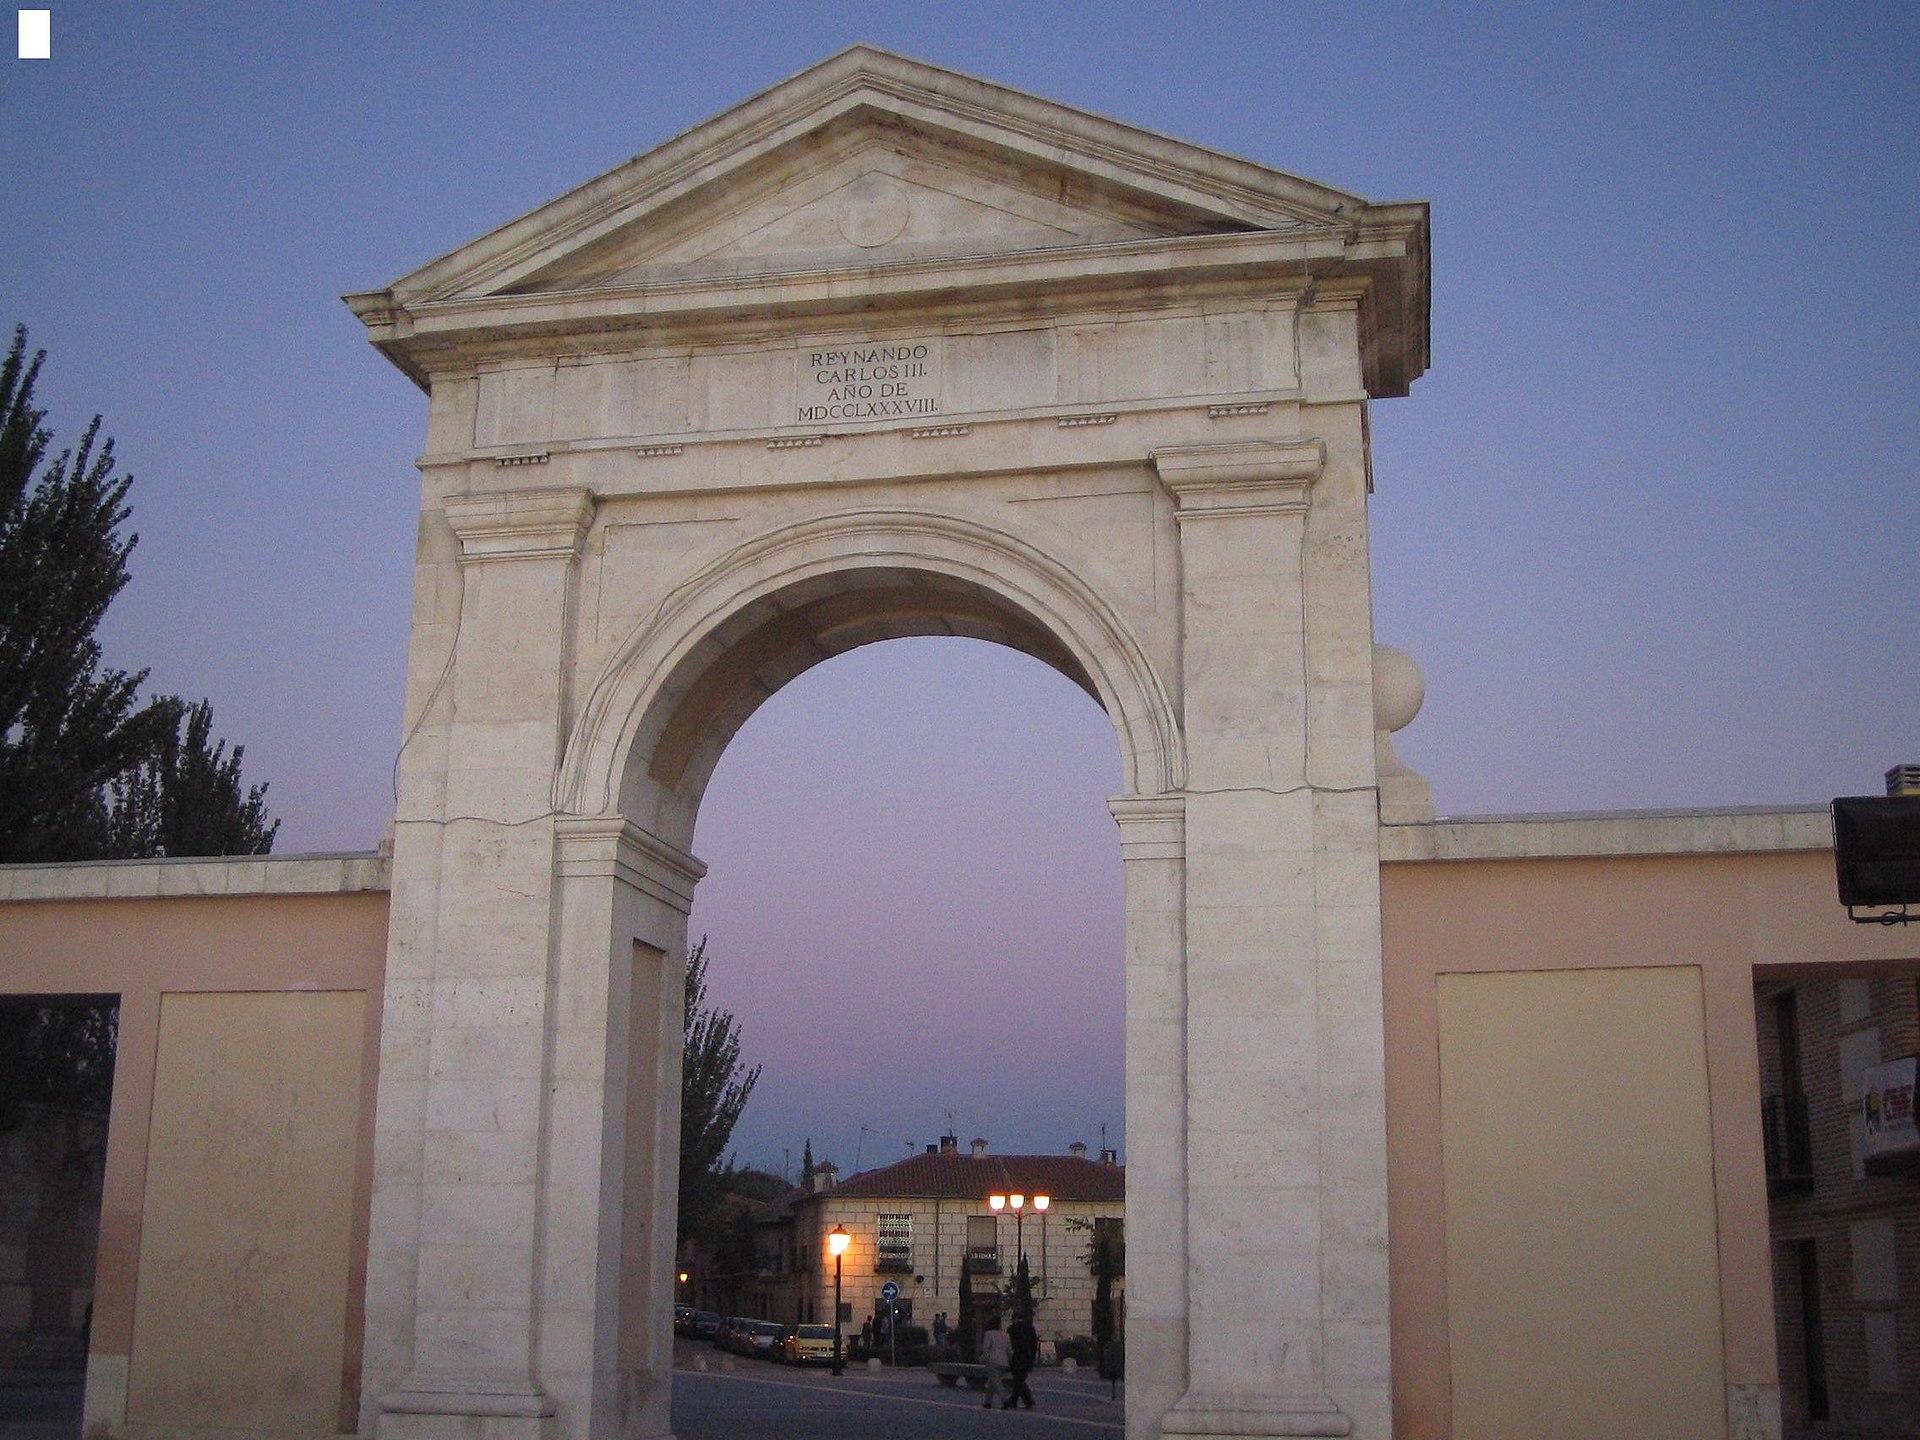 Puerta de madrid wikipedia la enciclopedia libre - Puertas lacadas en madrid ...